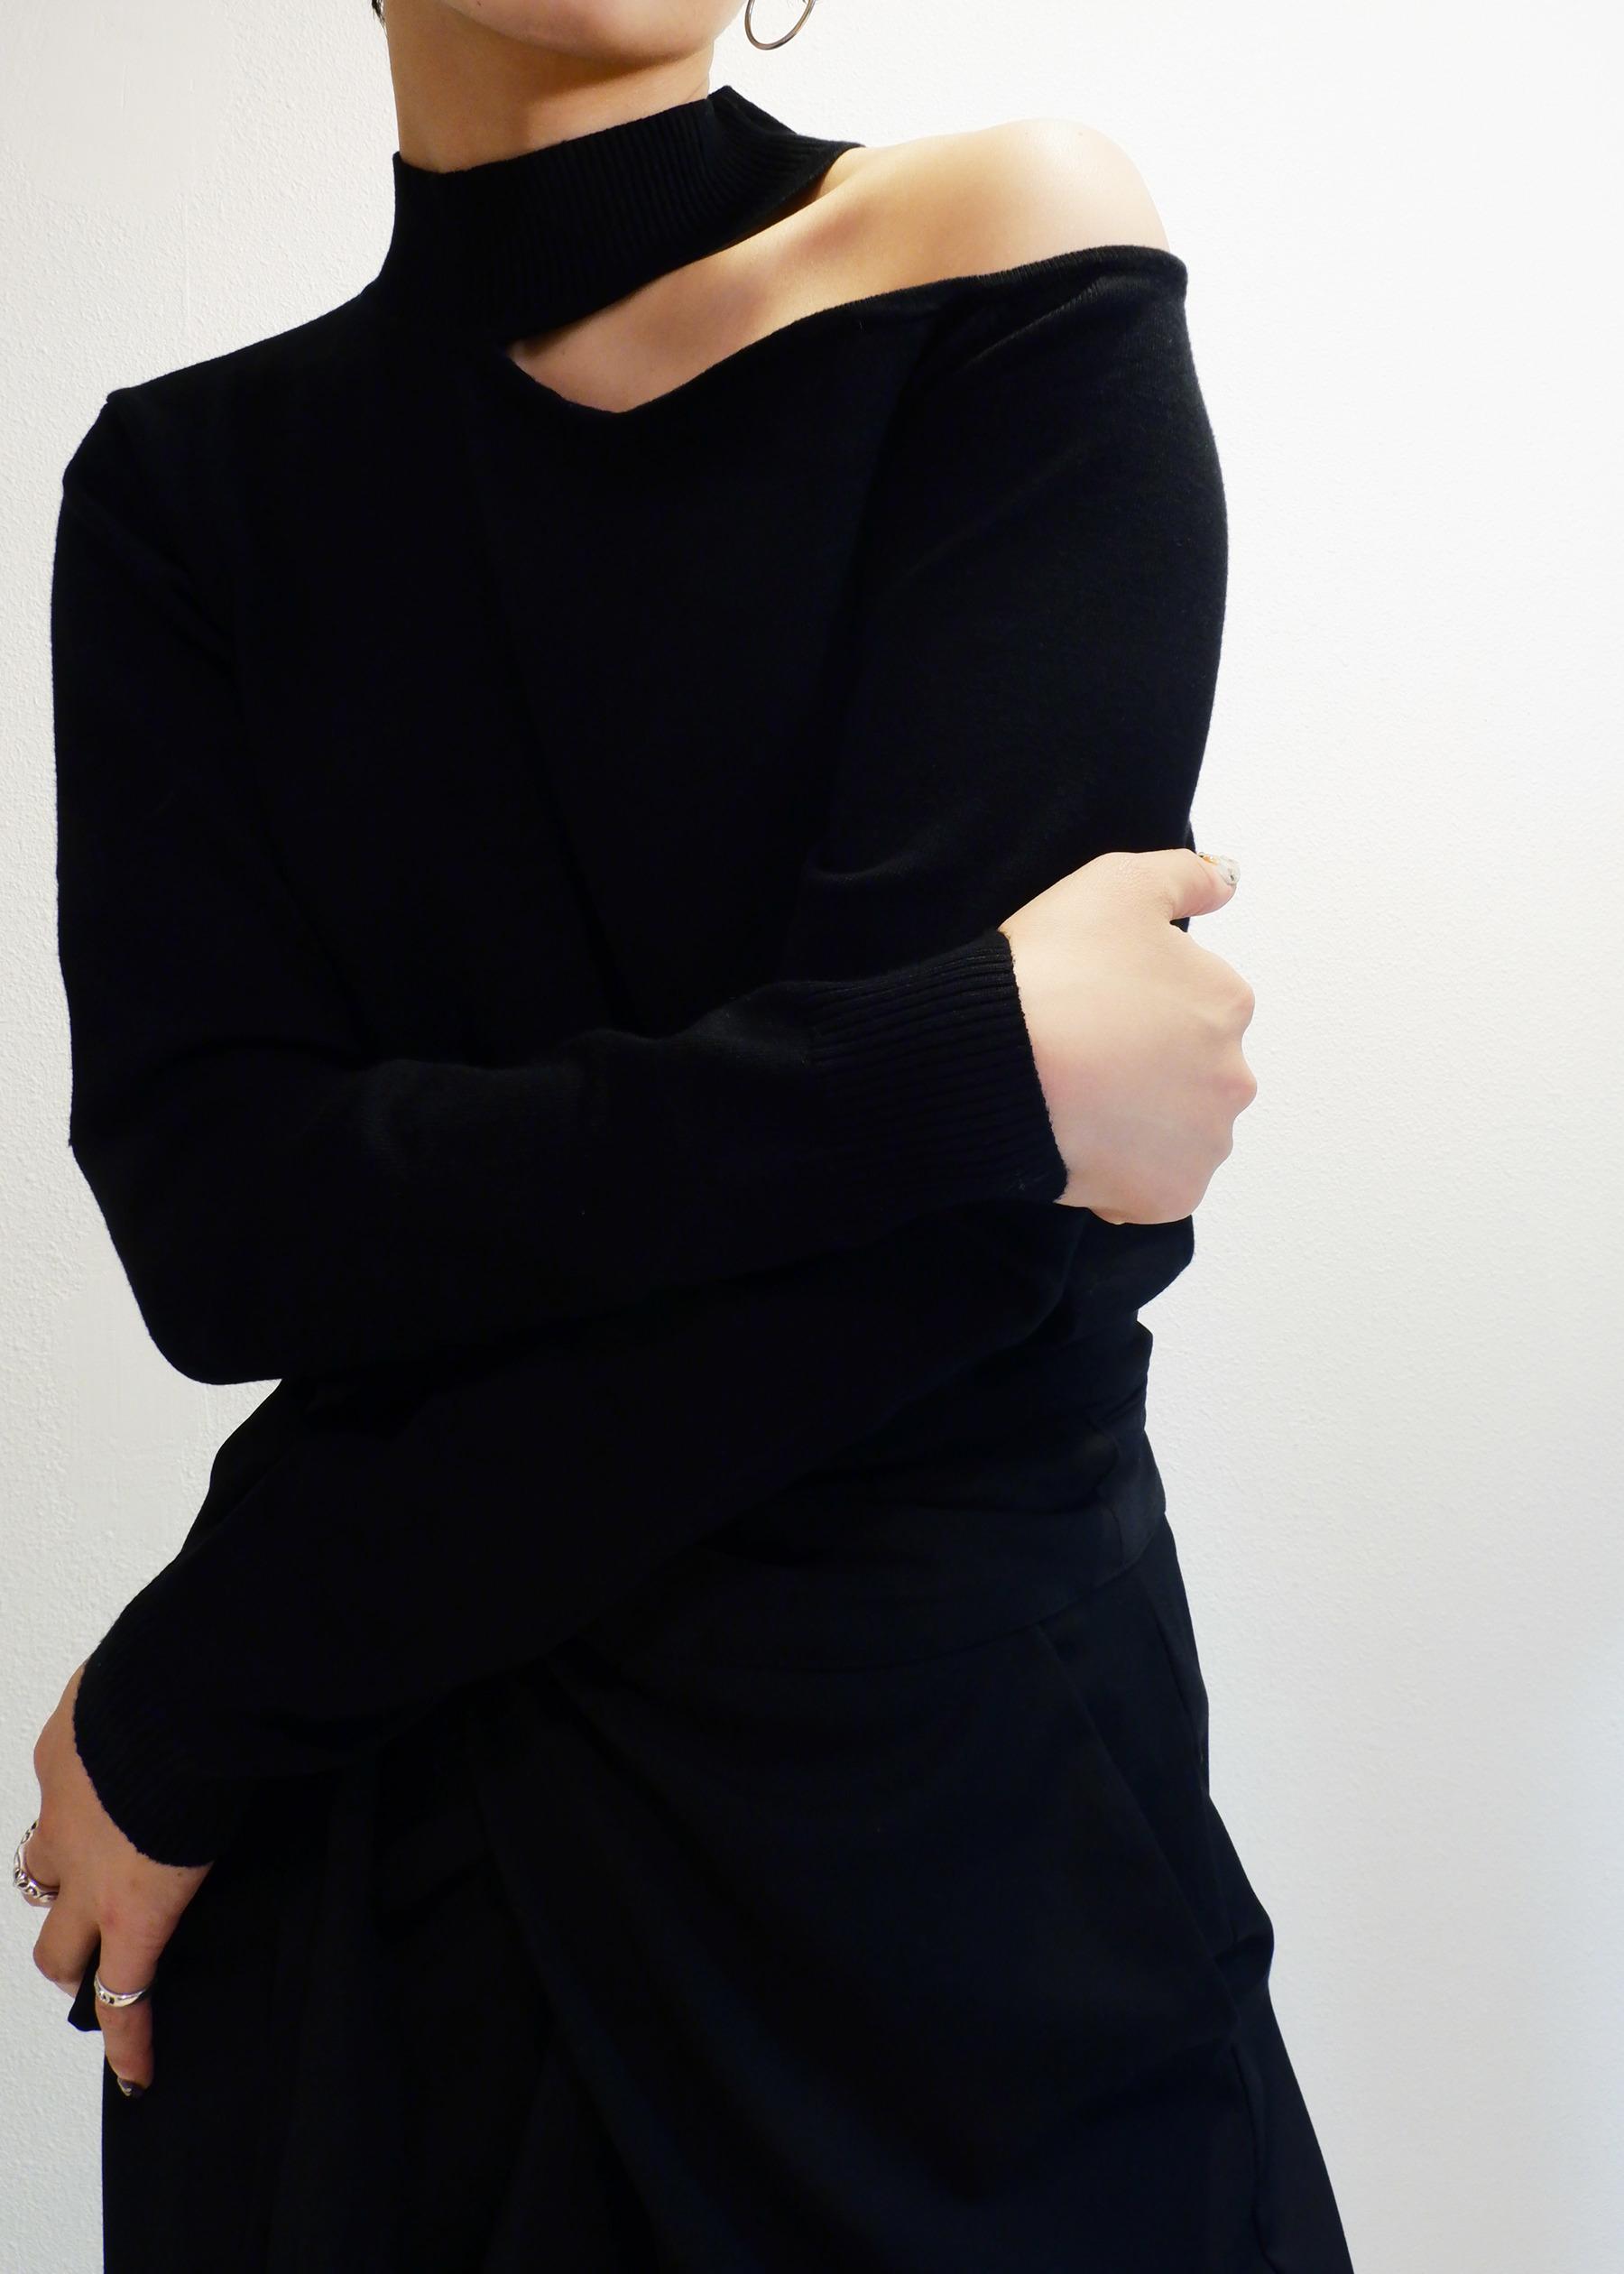 予約商品 one shoulder open knit 12月20日順次配送 liric official